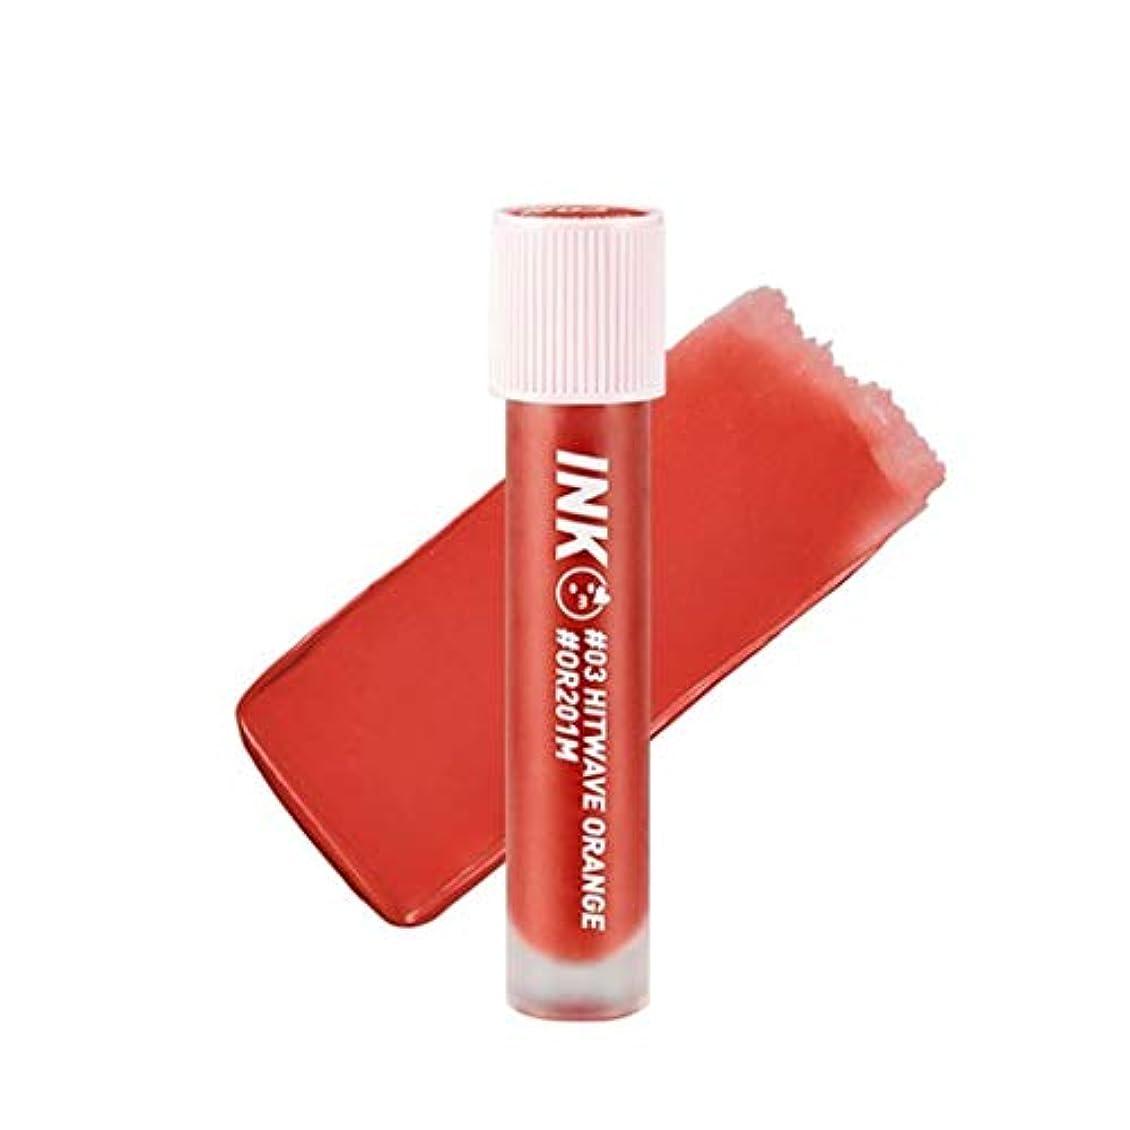 ペルソナ問題海洋ペリペラインクマトゥブラーティントリップティント韓国コスメ、Peripera Ink Matte Blur Tint Lip Tint Korean Cosmetics [並行輸入品] (#03 Hitwave Orange)